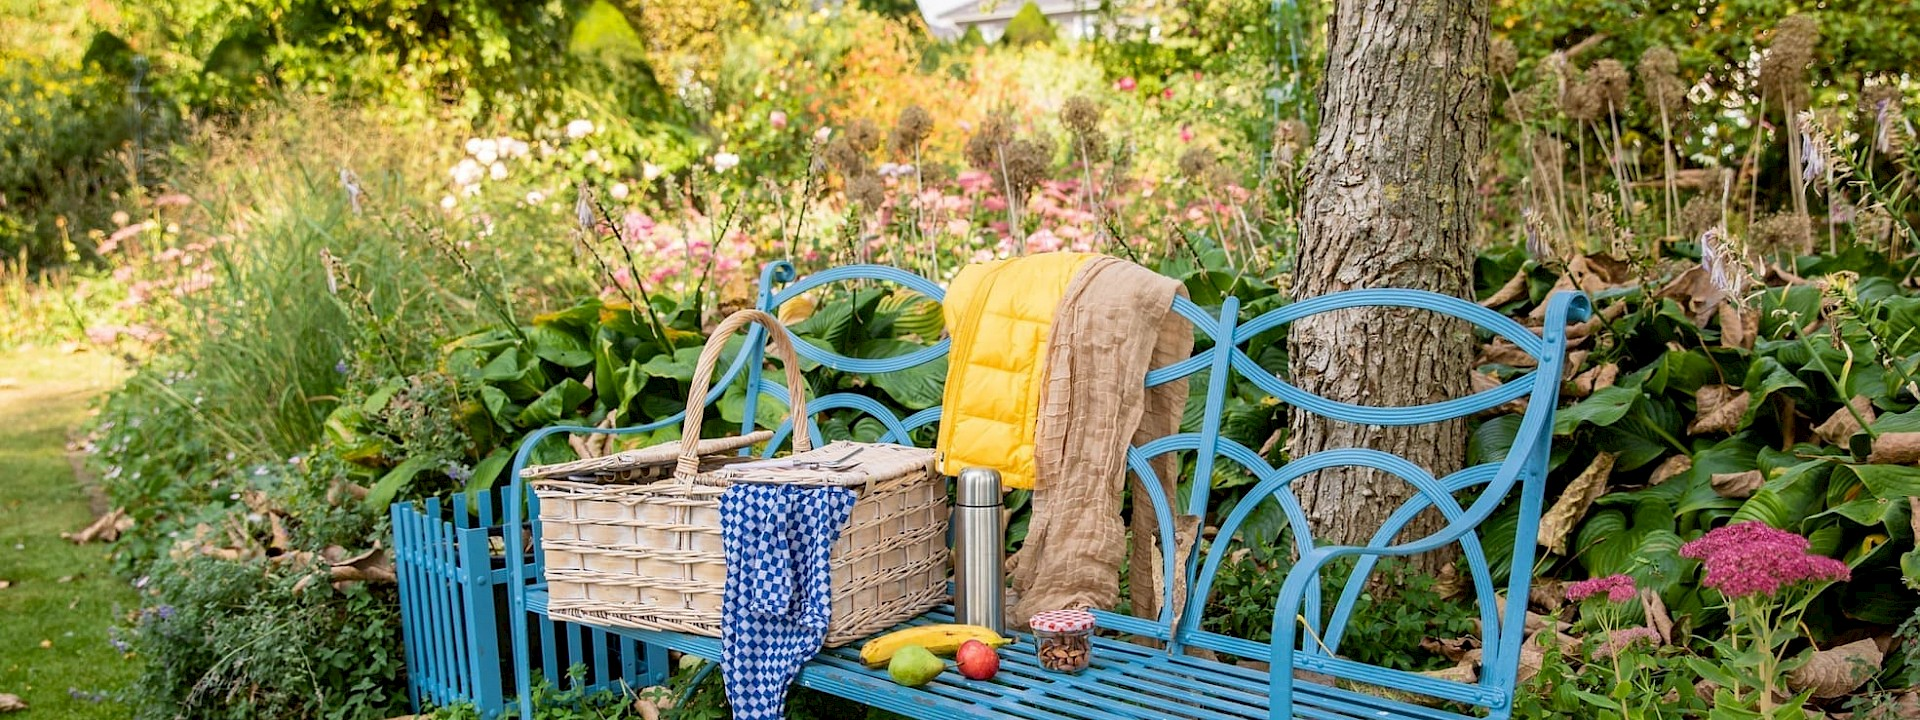 Genieße das Münsterland im Herbst Idyllische Picknickplätze